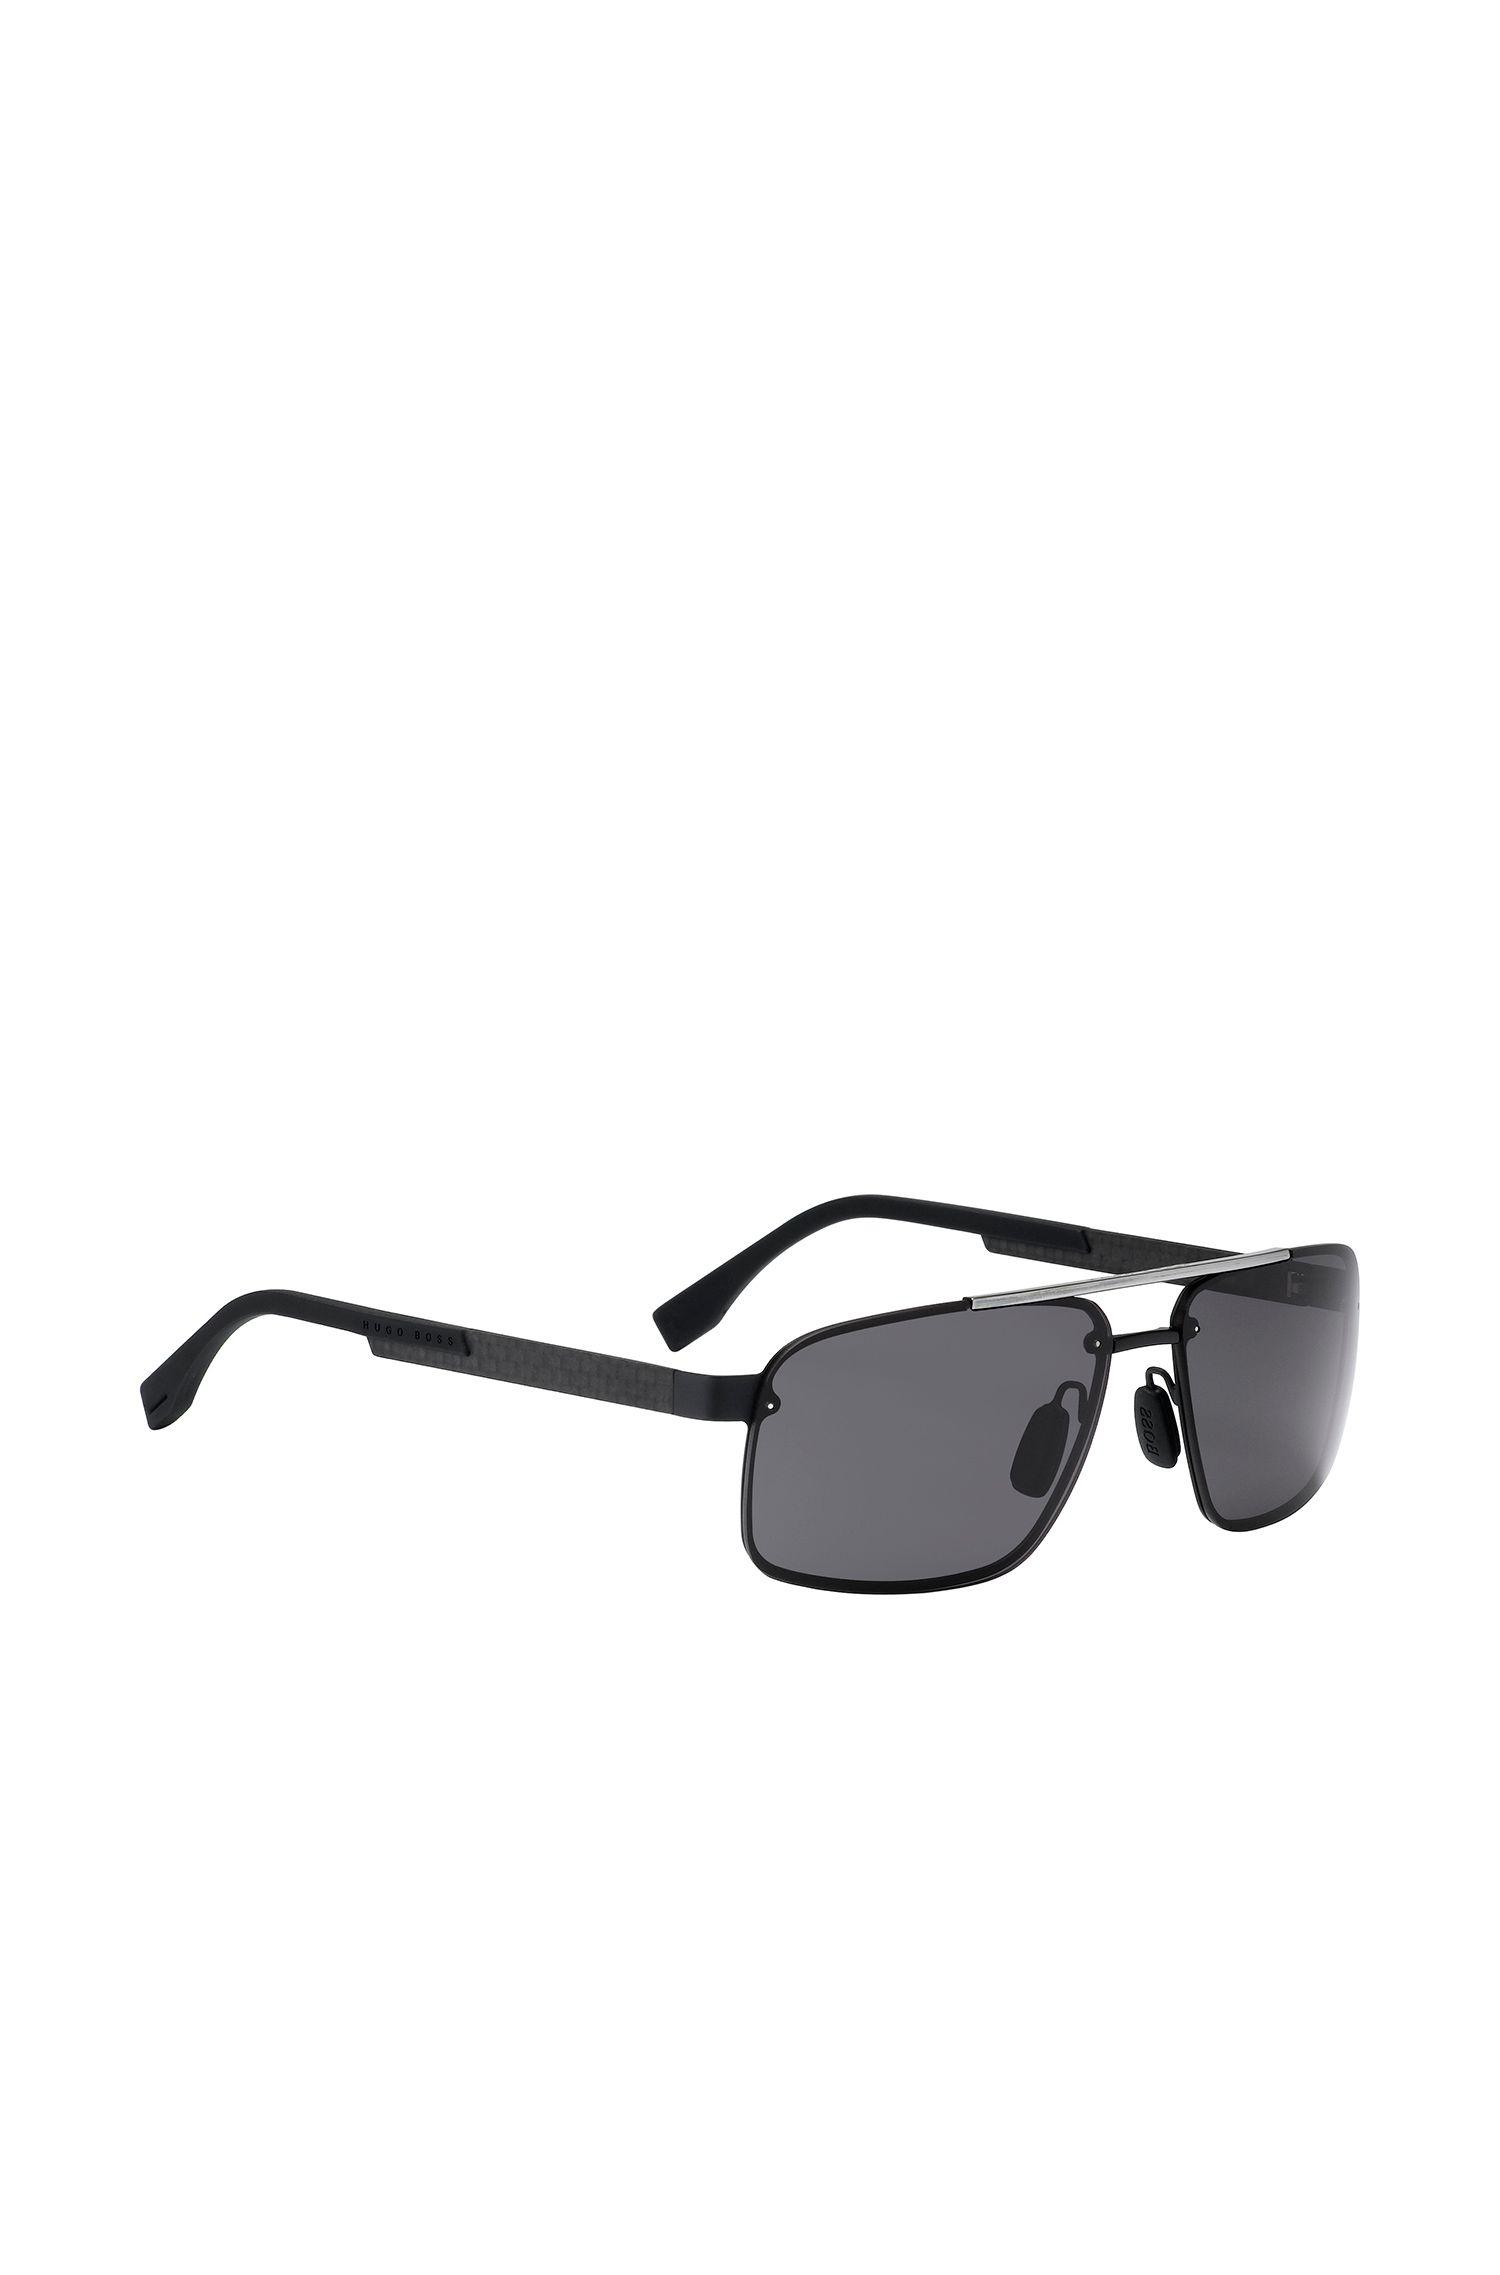 'BOSS 0773S' | Grey Lenses Navigator Sunglasses